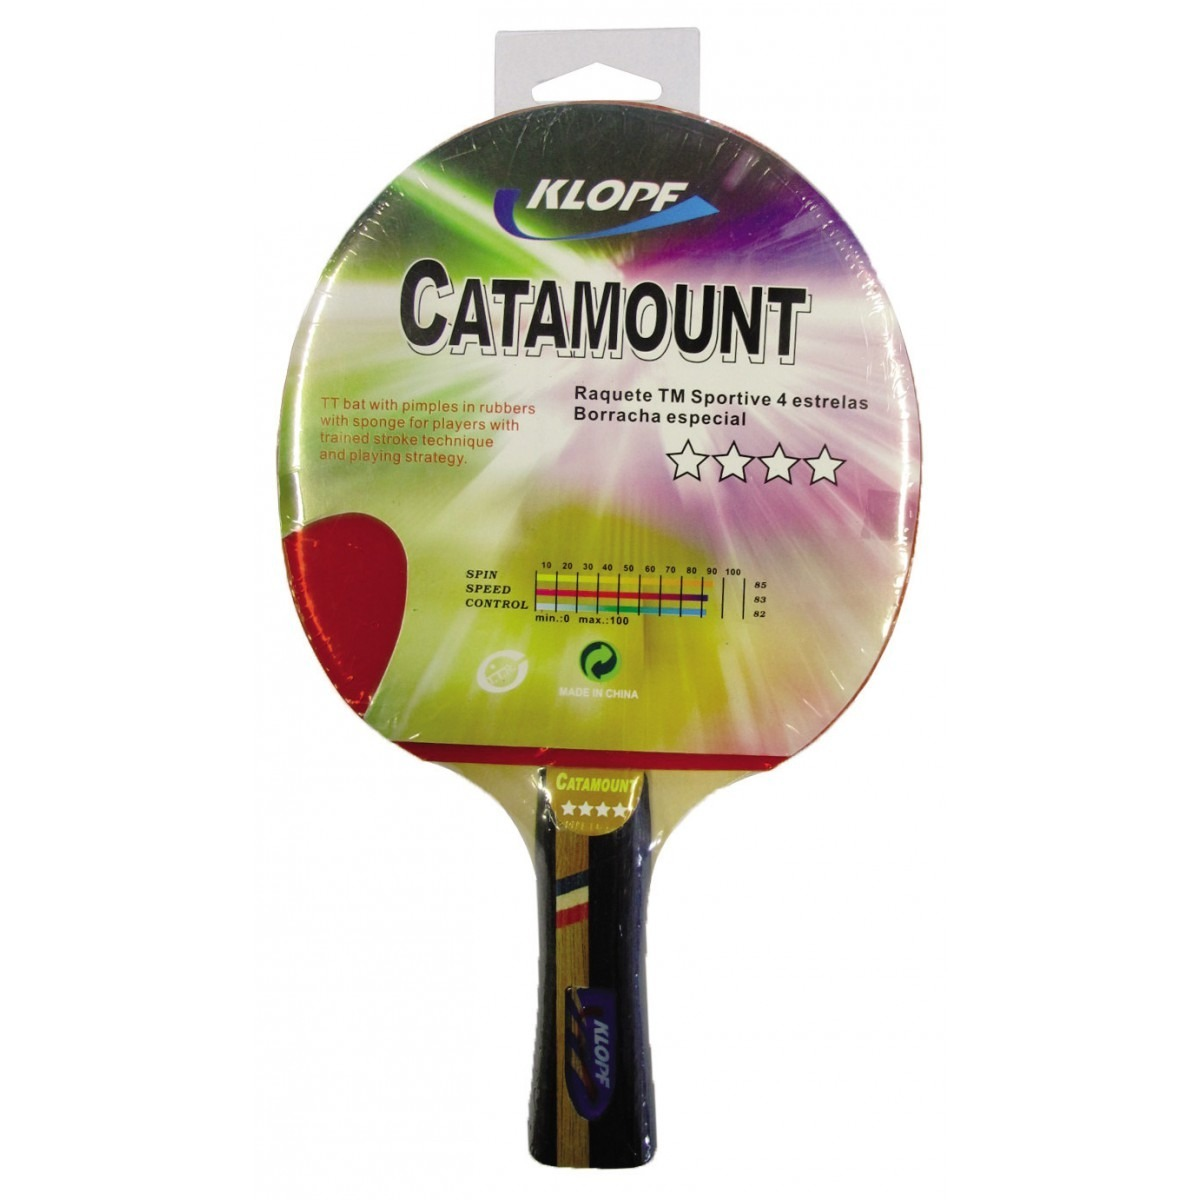 54213103c raquete de tênis de mesa catamount (4 estrelas) klopf. Carregando zoom.